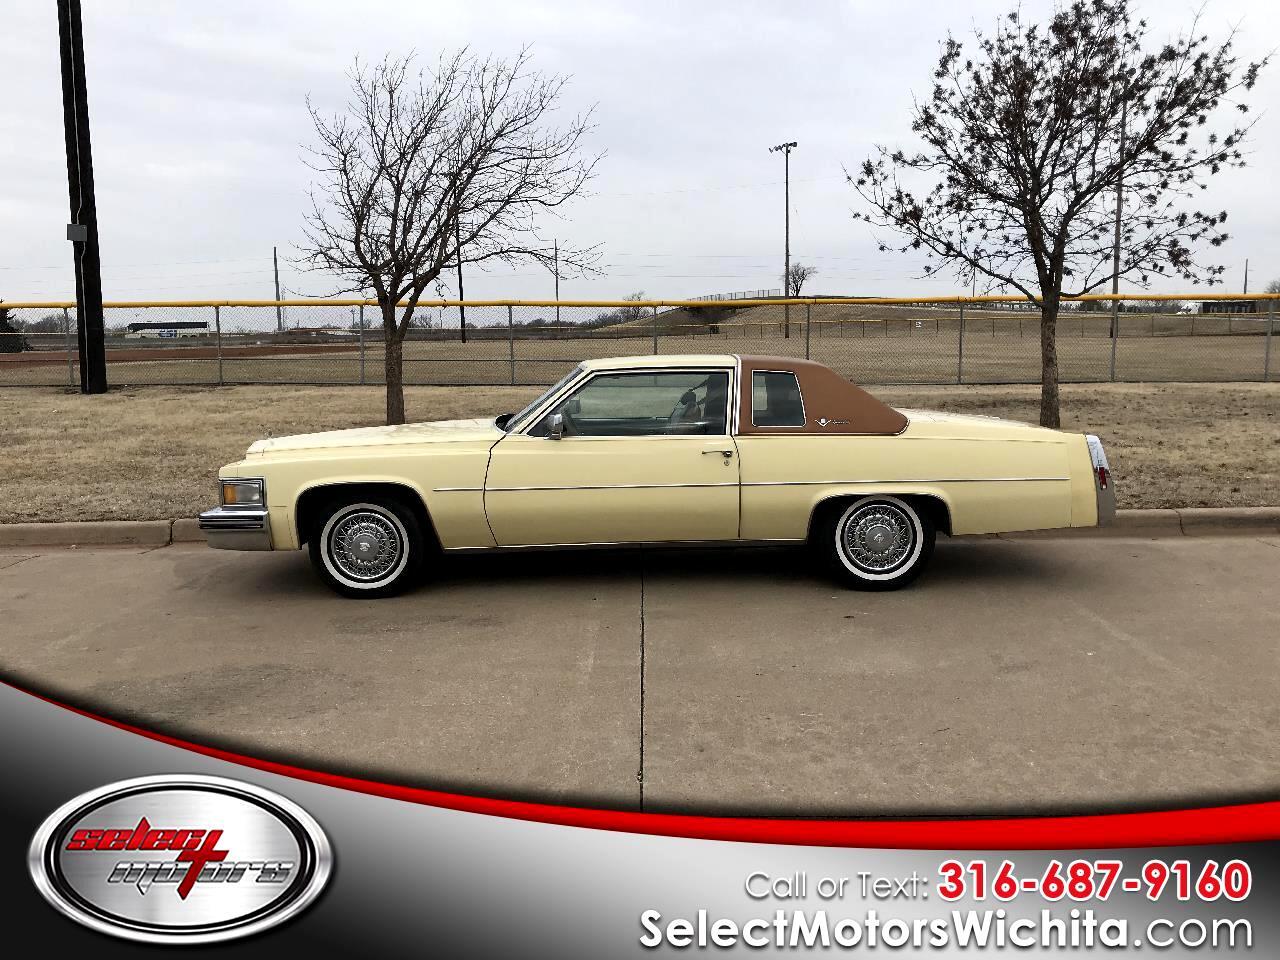 1978 Cadillac Coupe De Ville